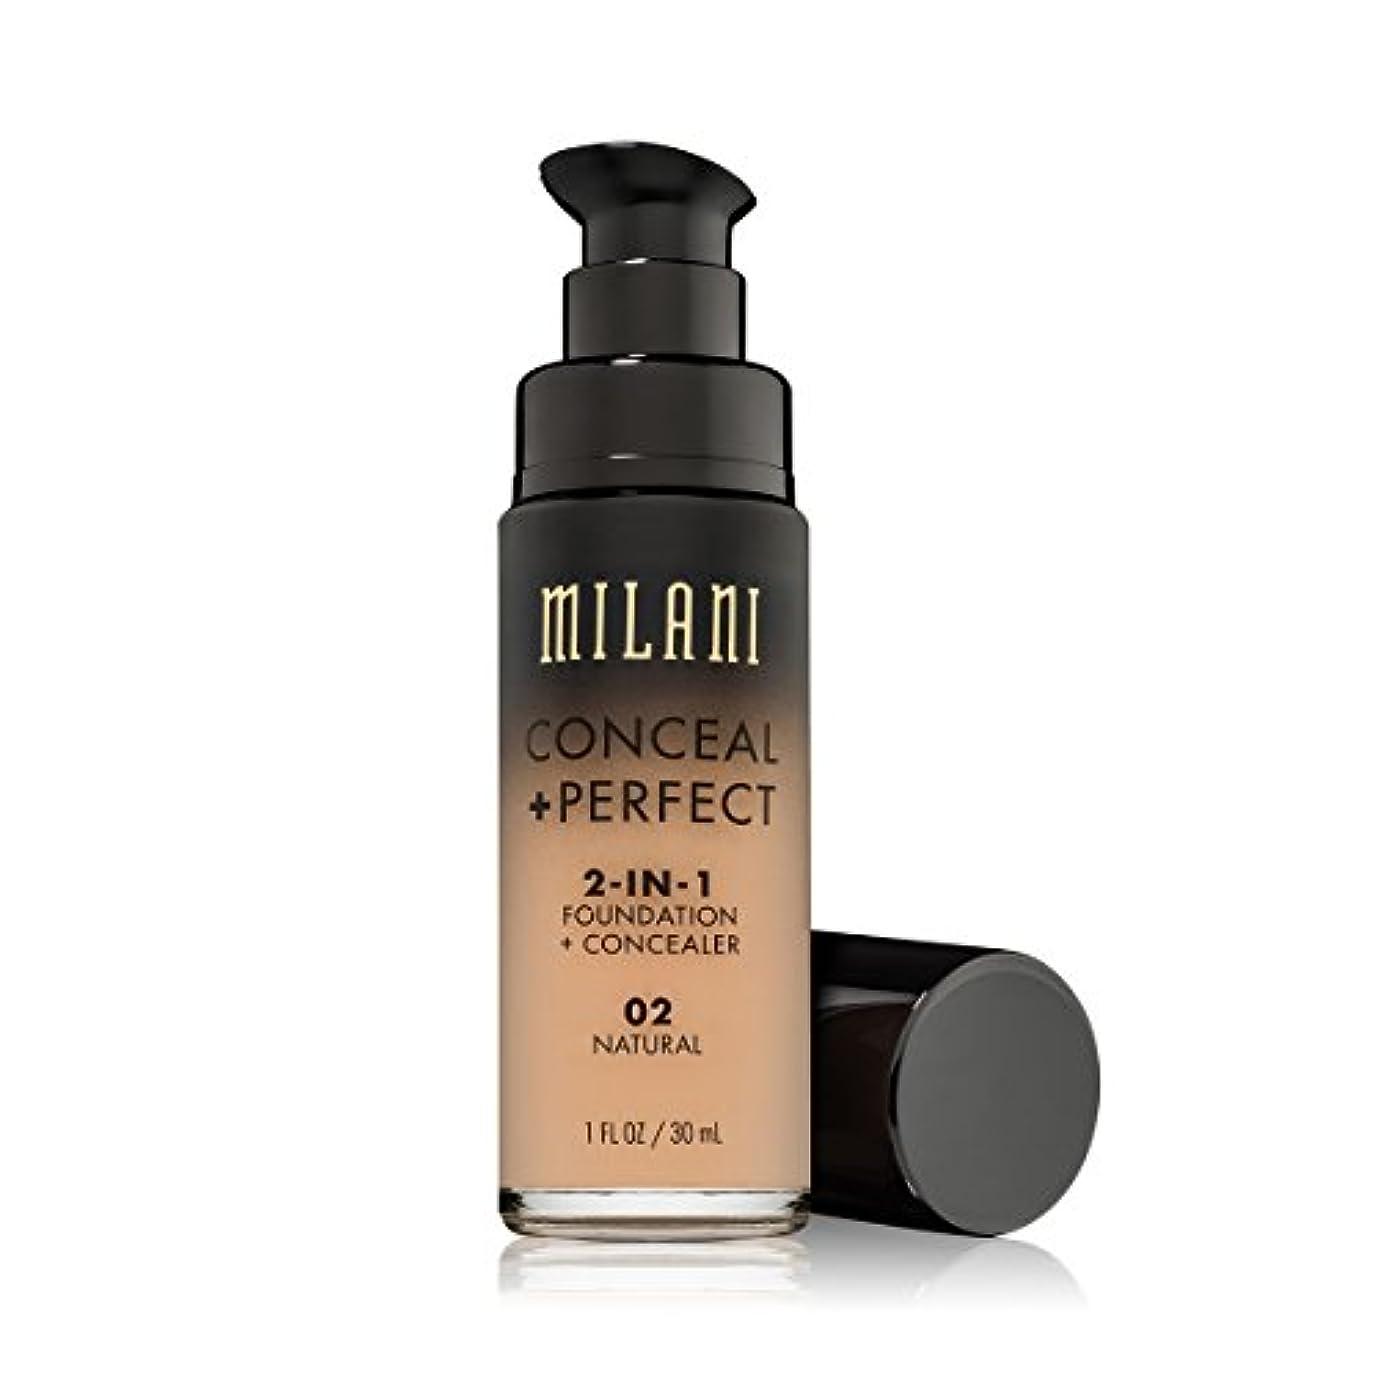 喜び晩ごはん移民MILANI Conceal + Perfect 2-In-1 Foundation + Concealer - Natural (並行輸入品)